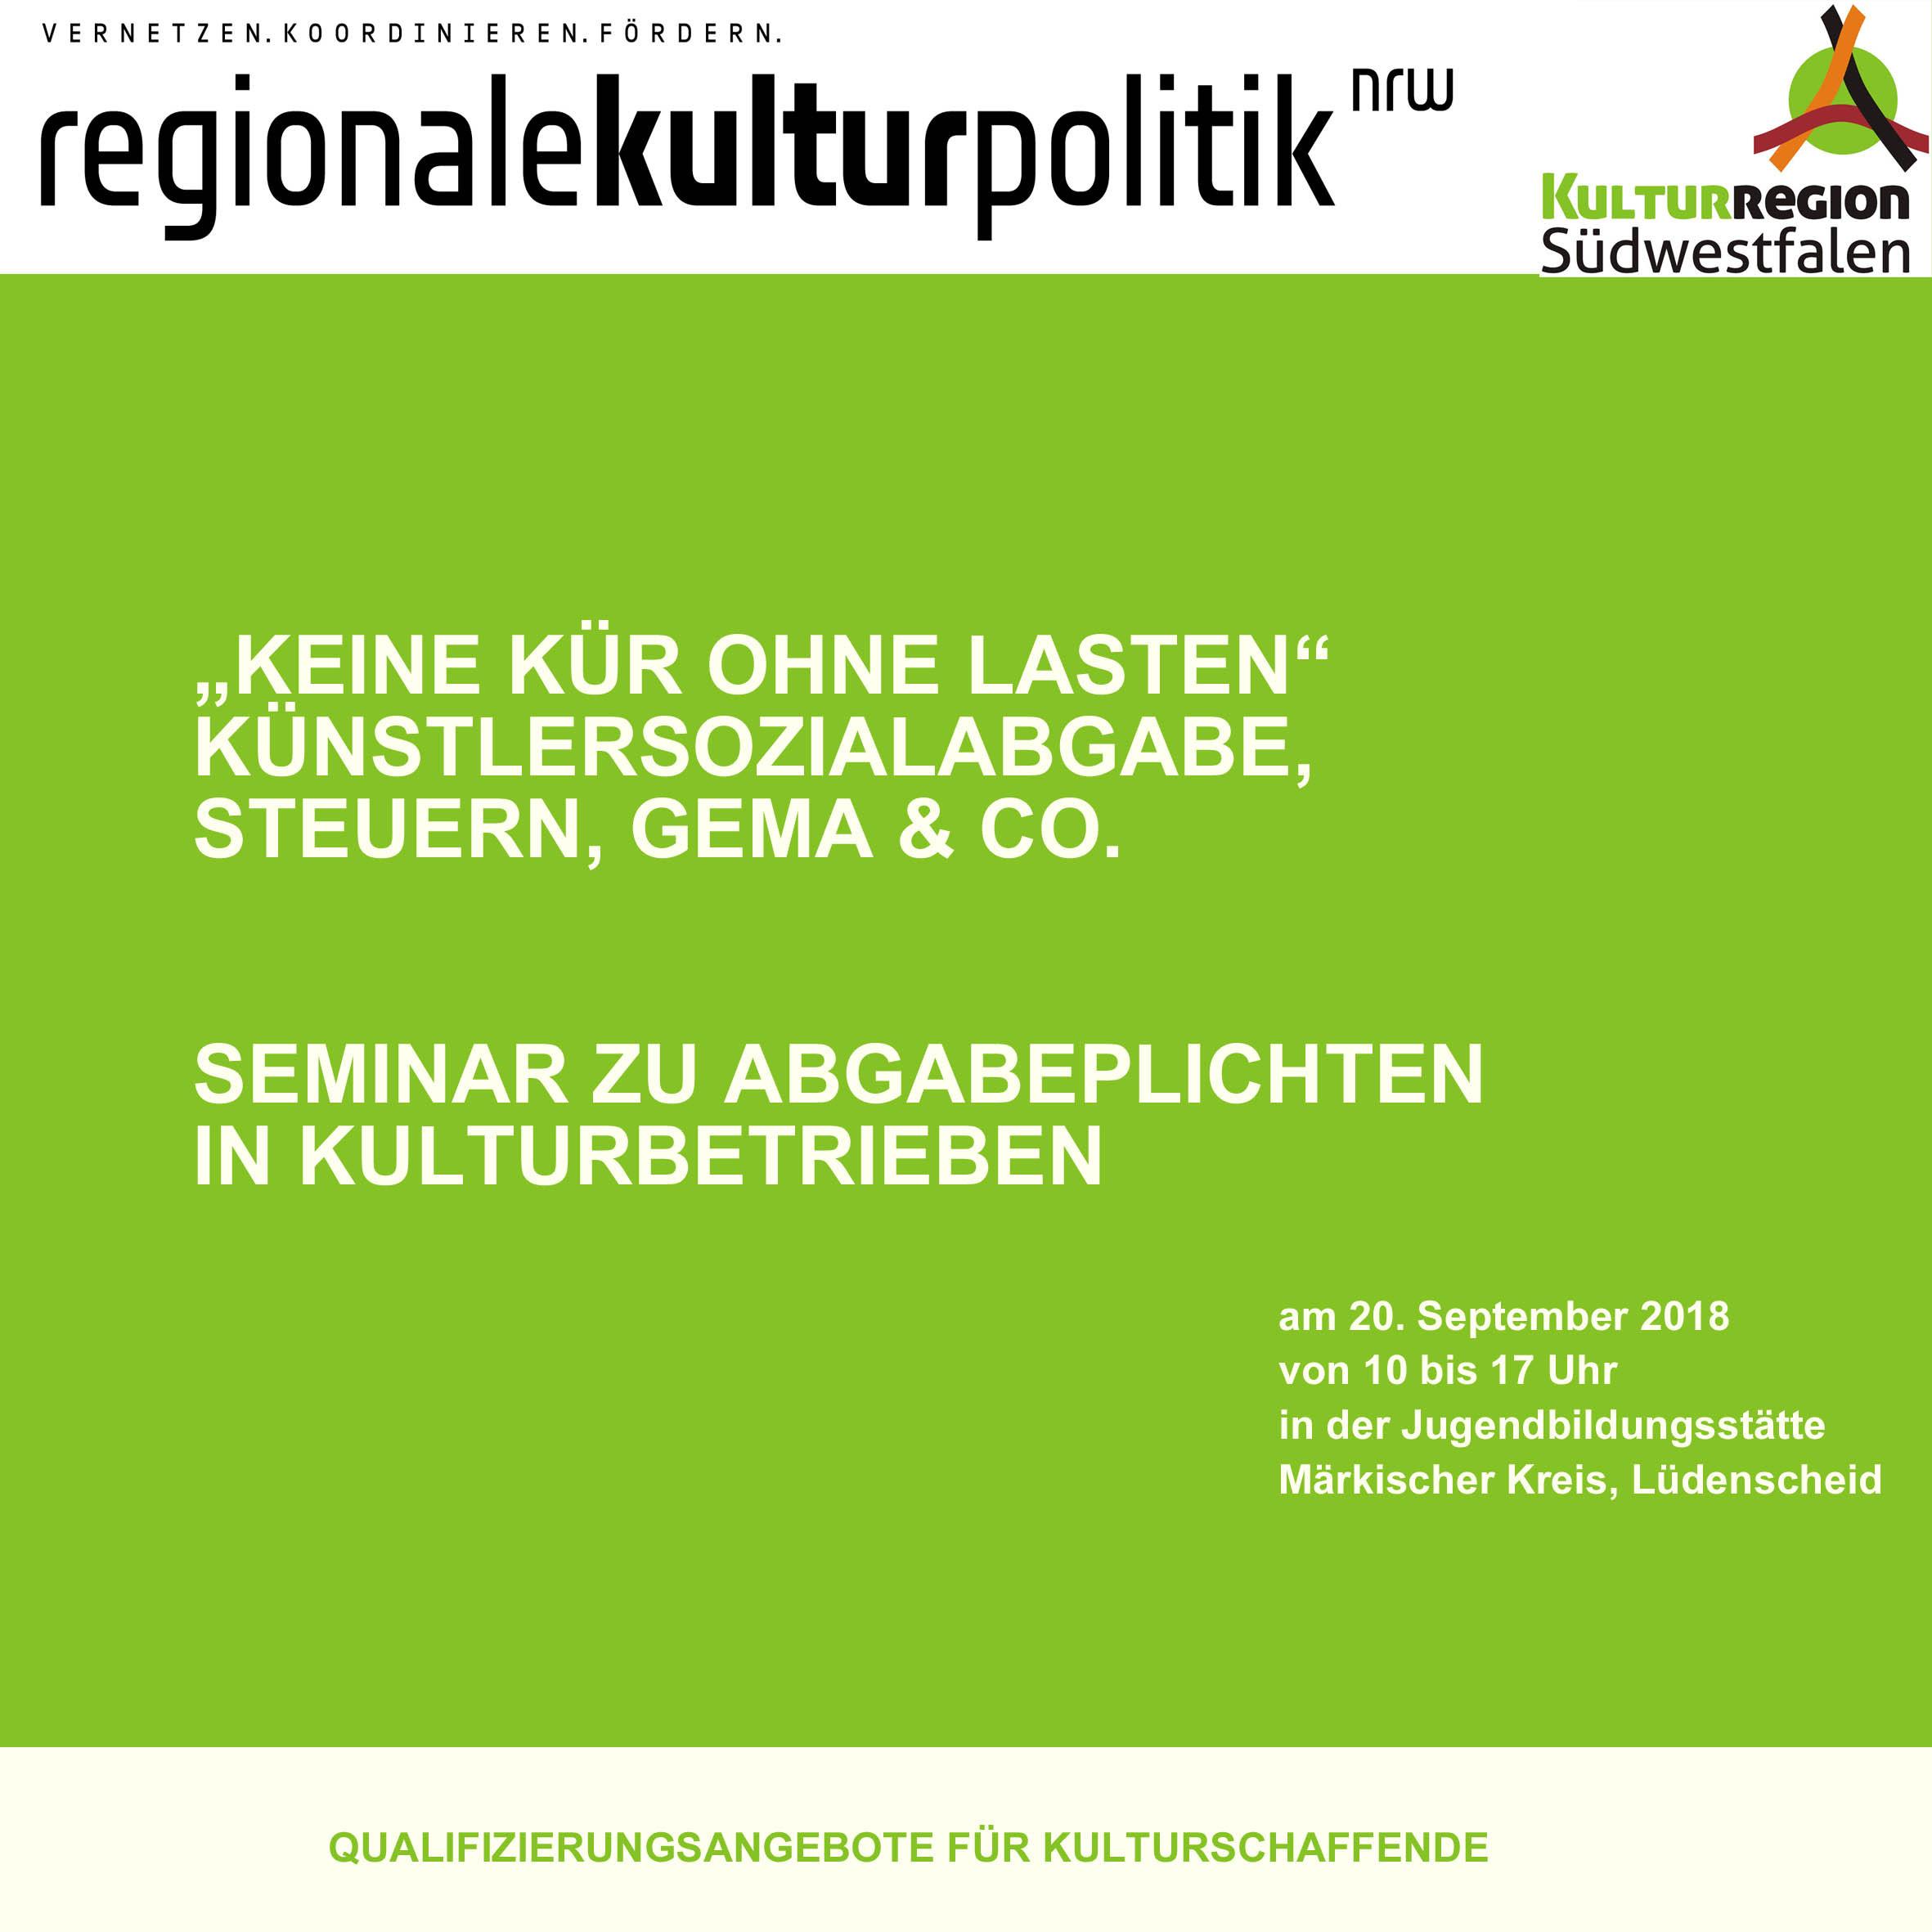 Seminar zu Abgabepflichten in Kulturbetrieben | Author